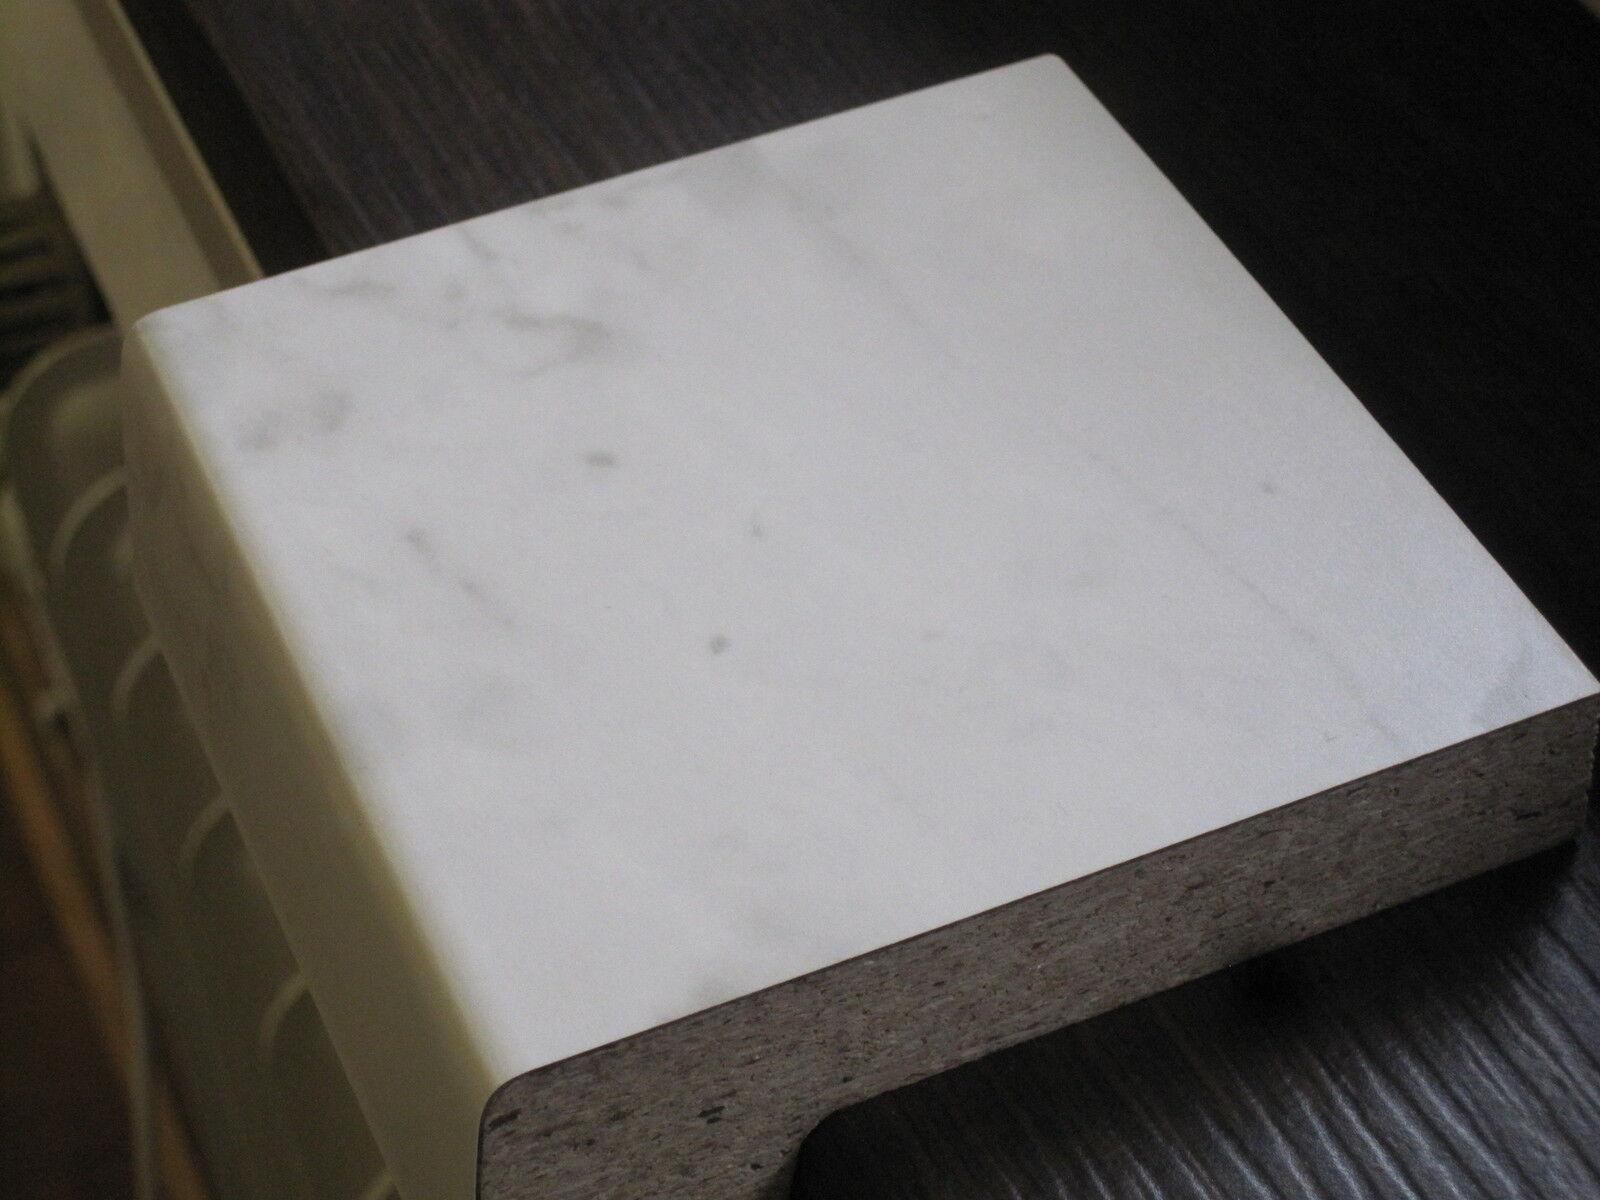 2x Werzalit Fensterbank marmor Laminat Innenfensterbank Restposten Holz 174x20cm